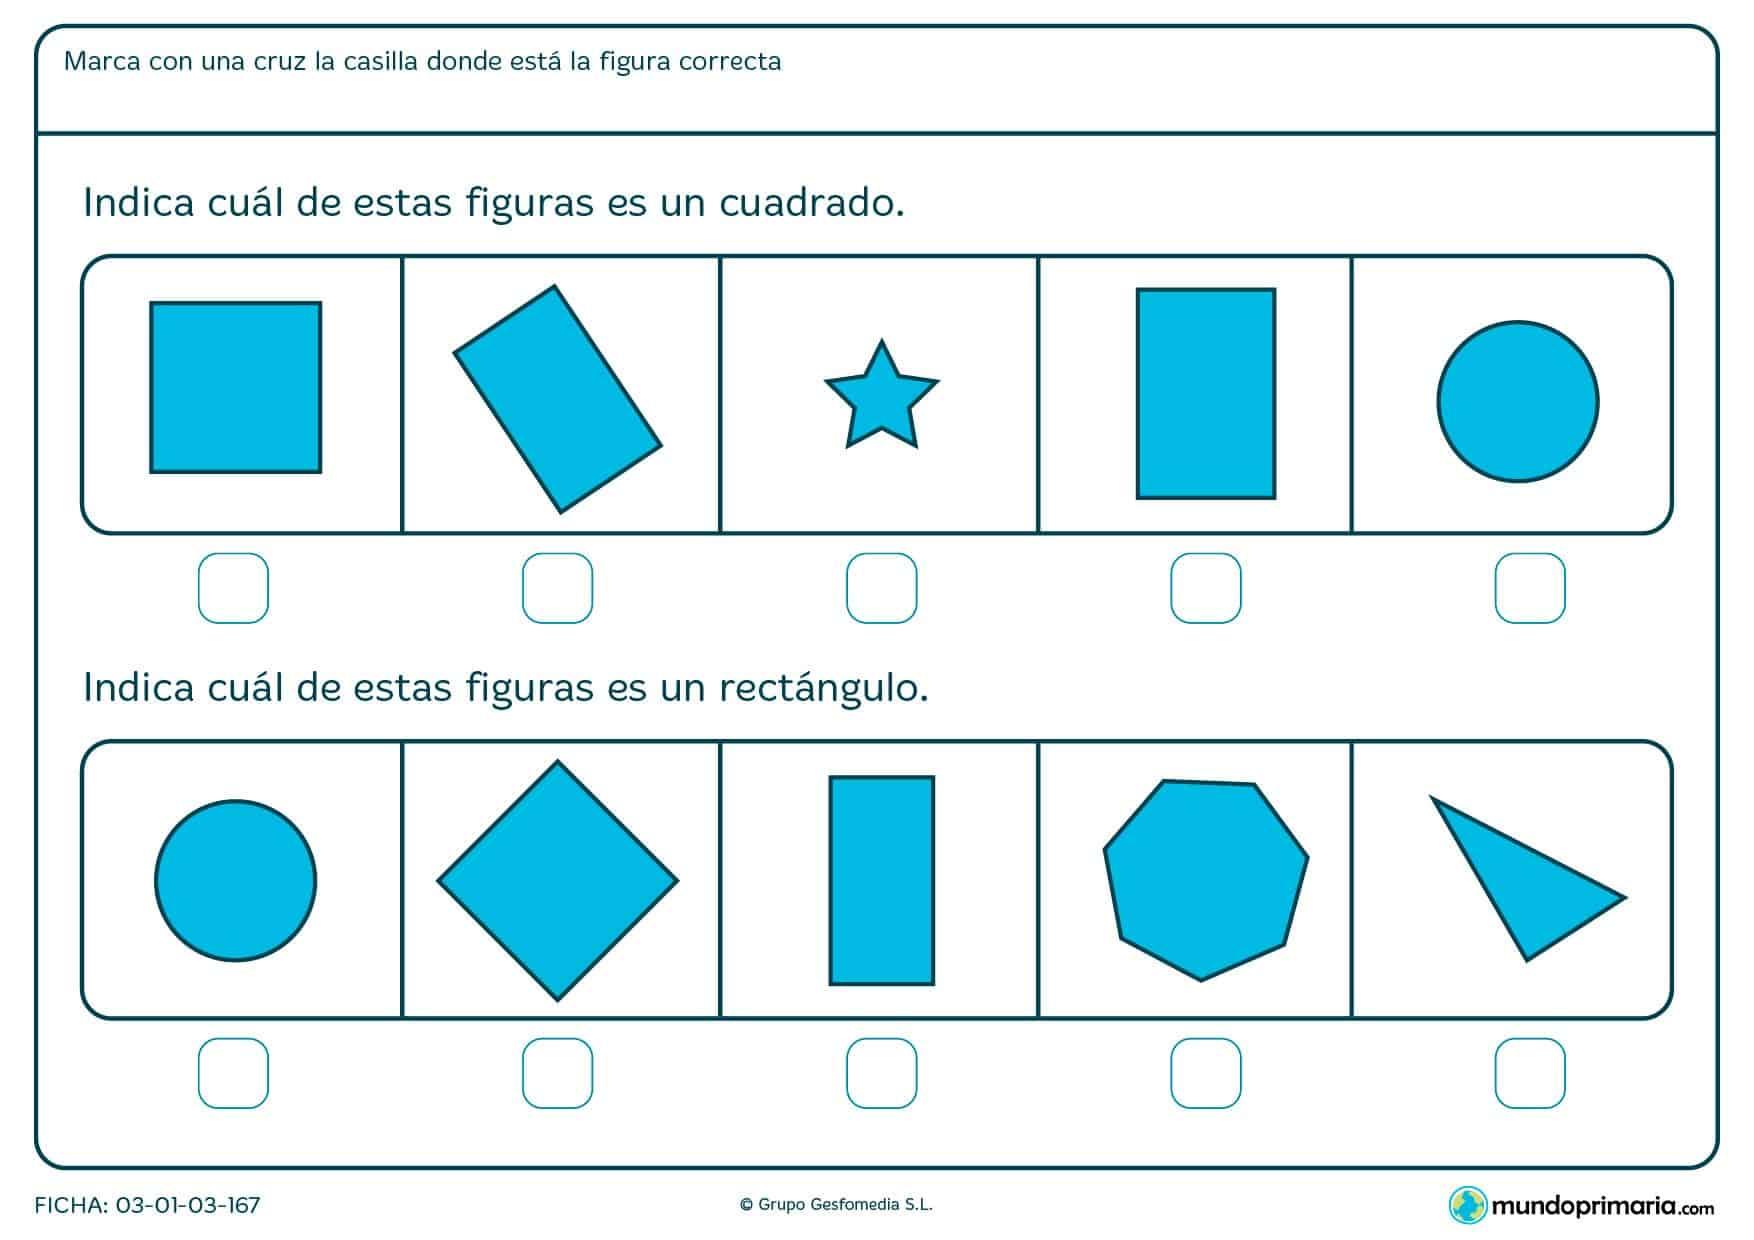 Ficha de formas para repasar, ficha de formas para niños de primaria, ficha de formas para niños, ficha de formas para 1º de primaria, fichas de Mundoprimaria